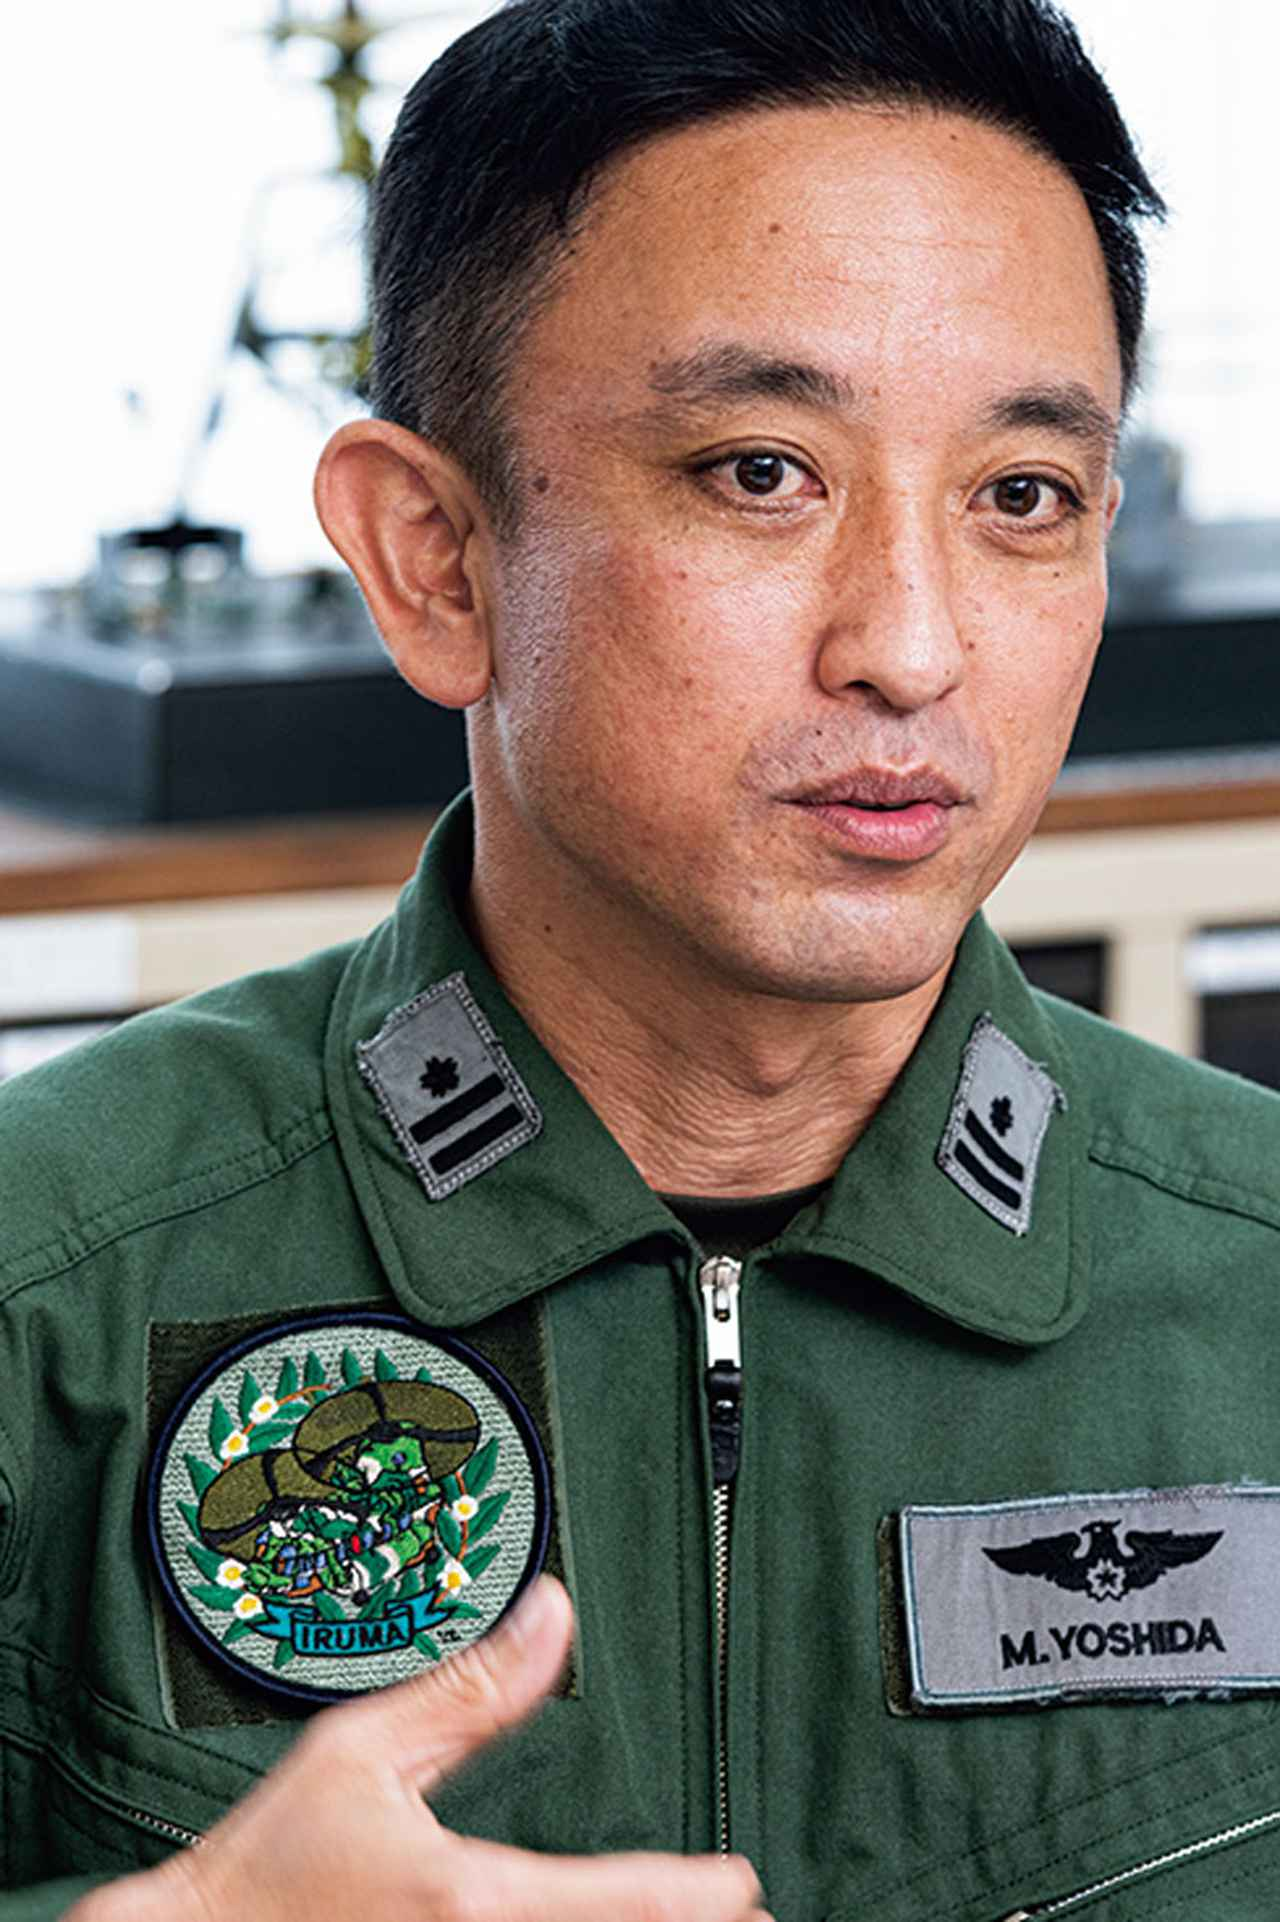 画像: 「この訓練によって、自衛隊の災害派遣活動に変化をもたらすと実感しました」と吉田3佐